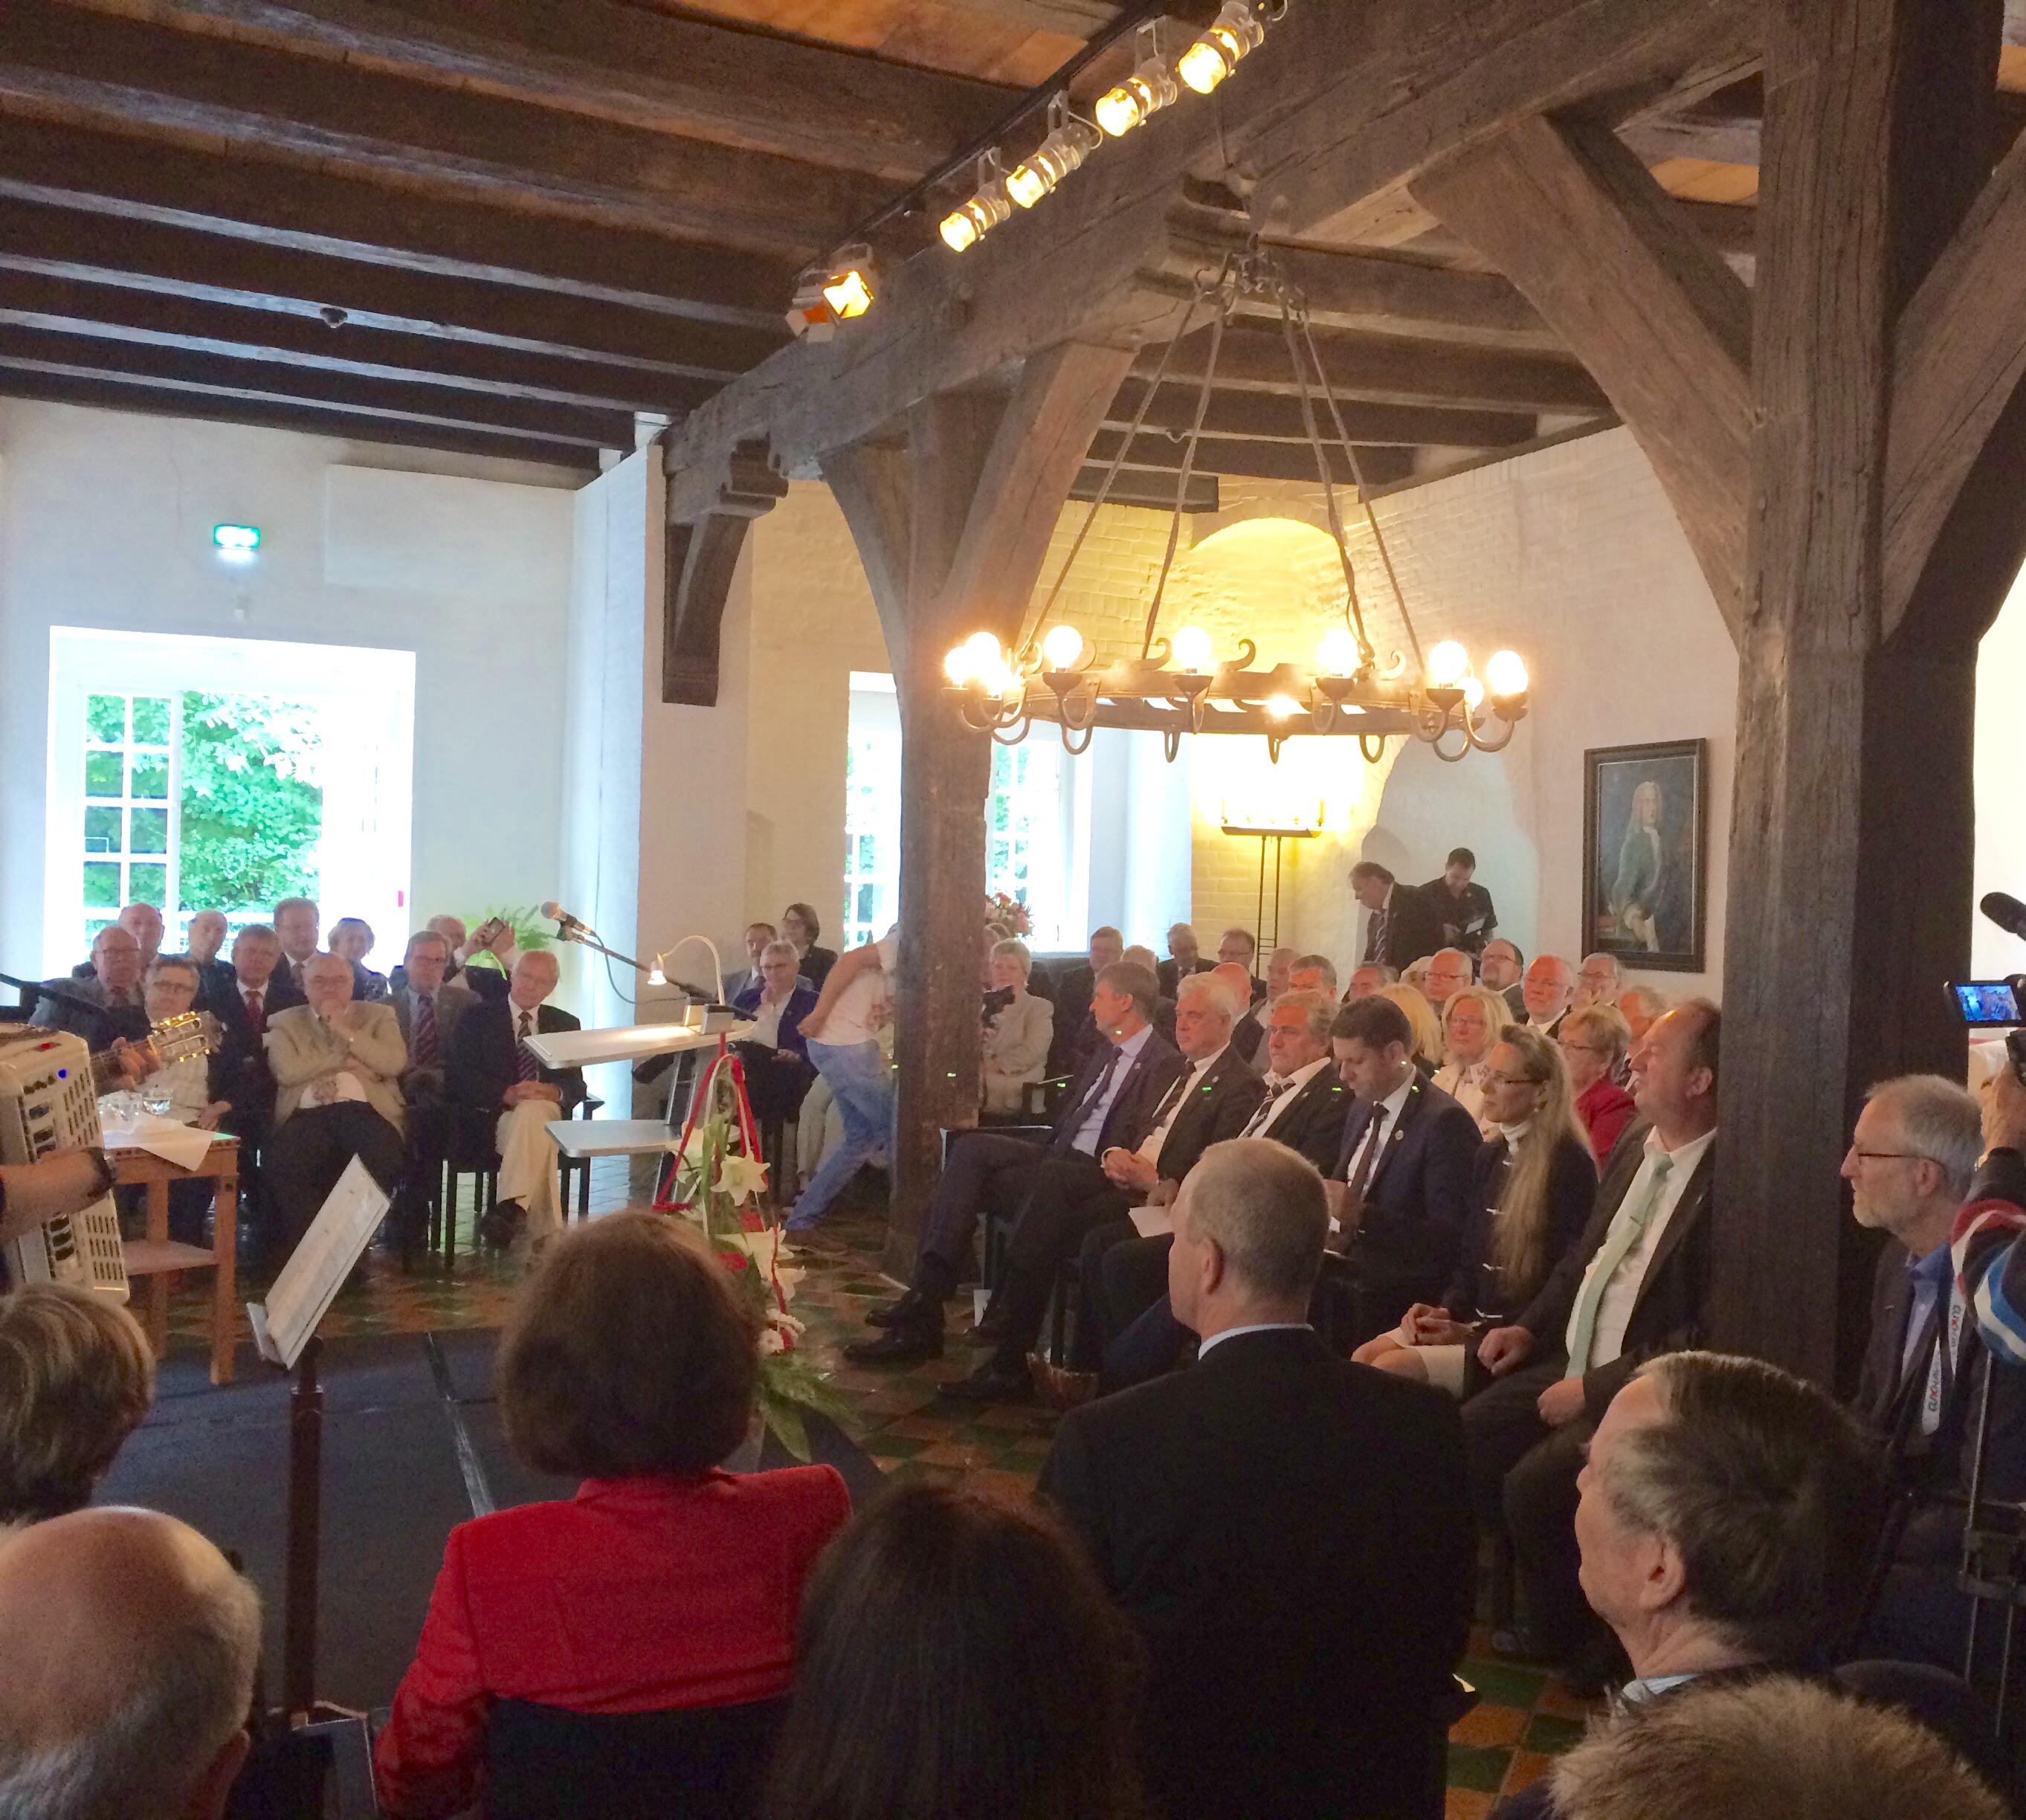 """""""Auf unsere Wurzeln besinnen - die Weichen mit Blick in die Zukunft stellen."""" - Festakt anlässlich des Jubiläums """"200 Jahre Seebad Cuxhaven"""" im Schloss Ritzebüttel begangen"""